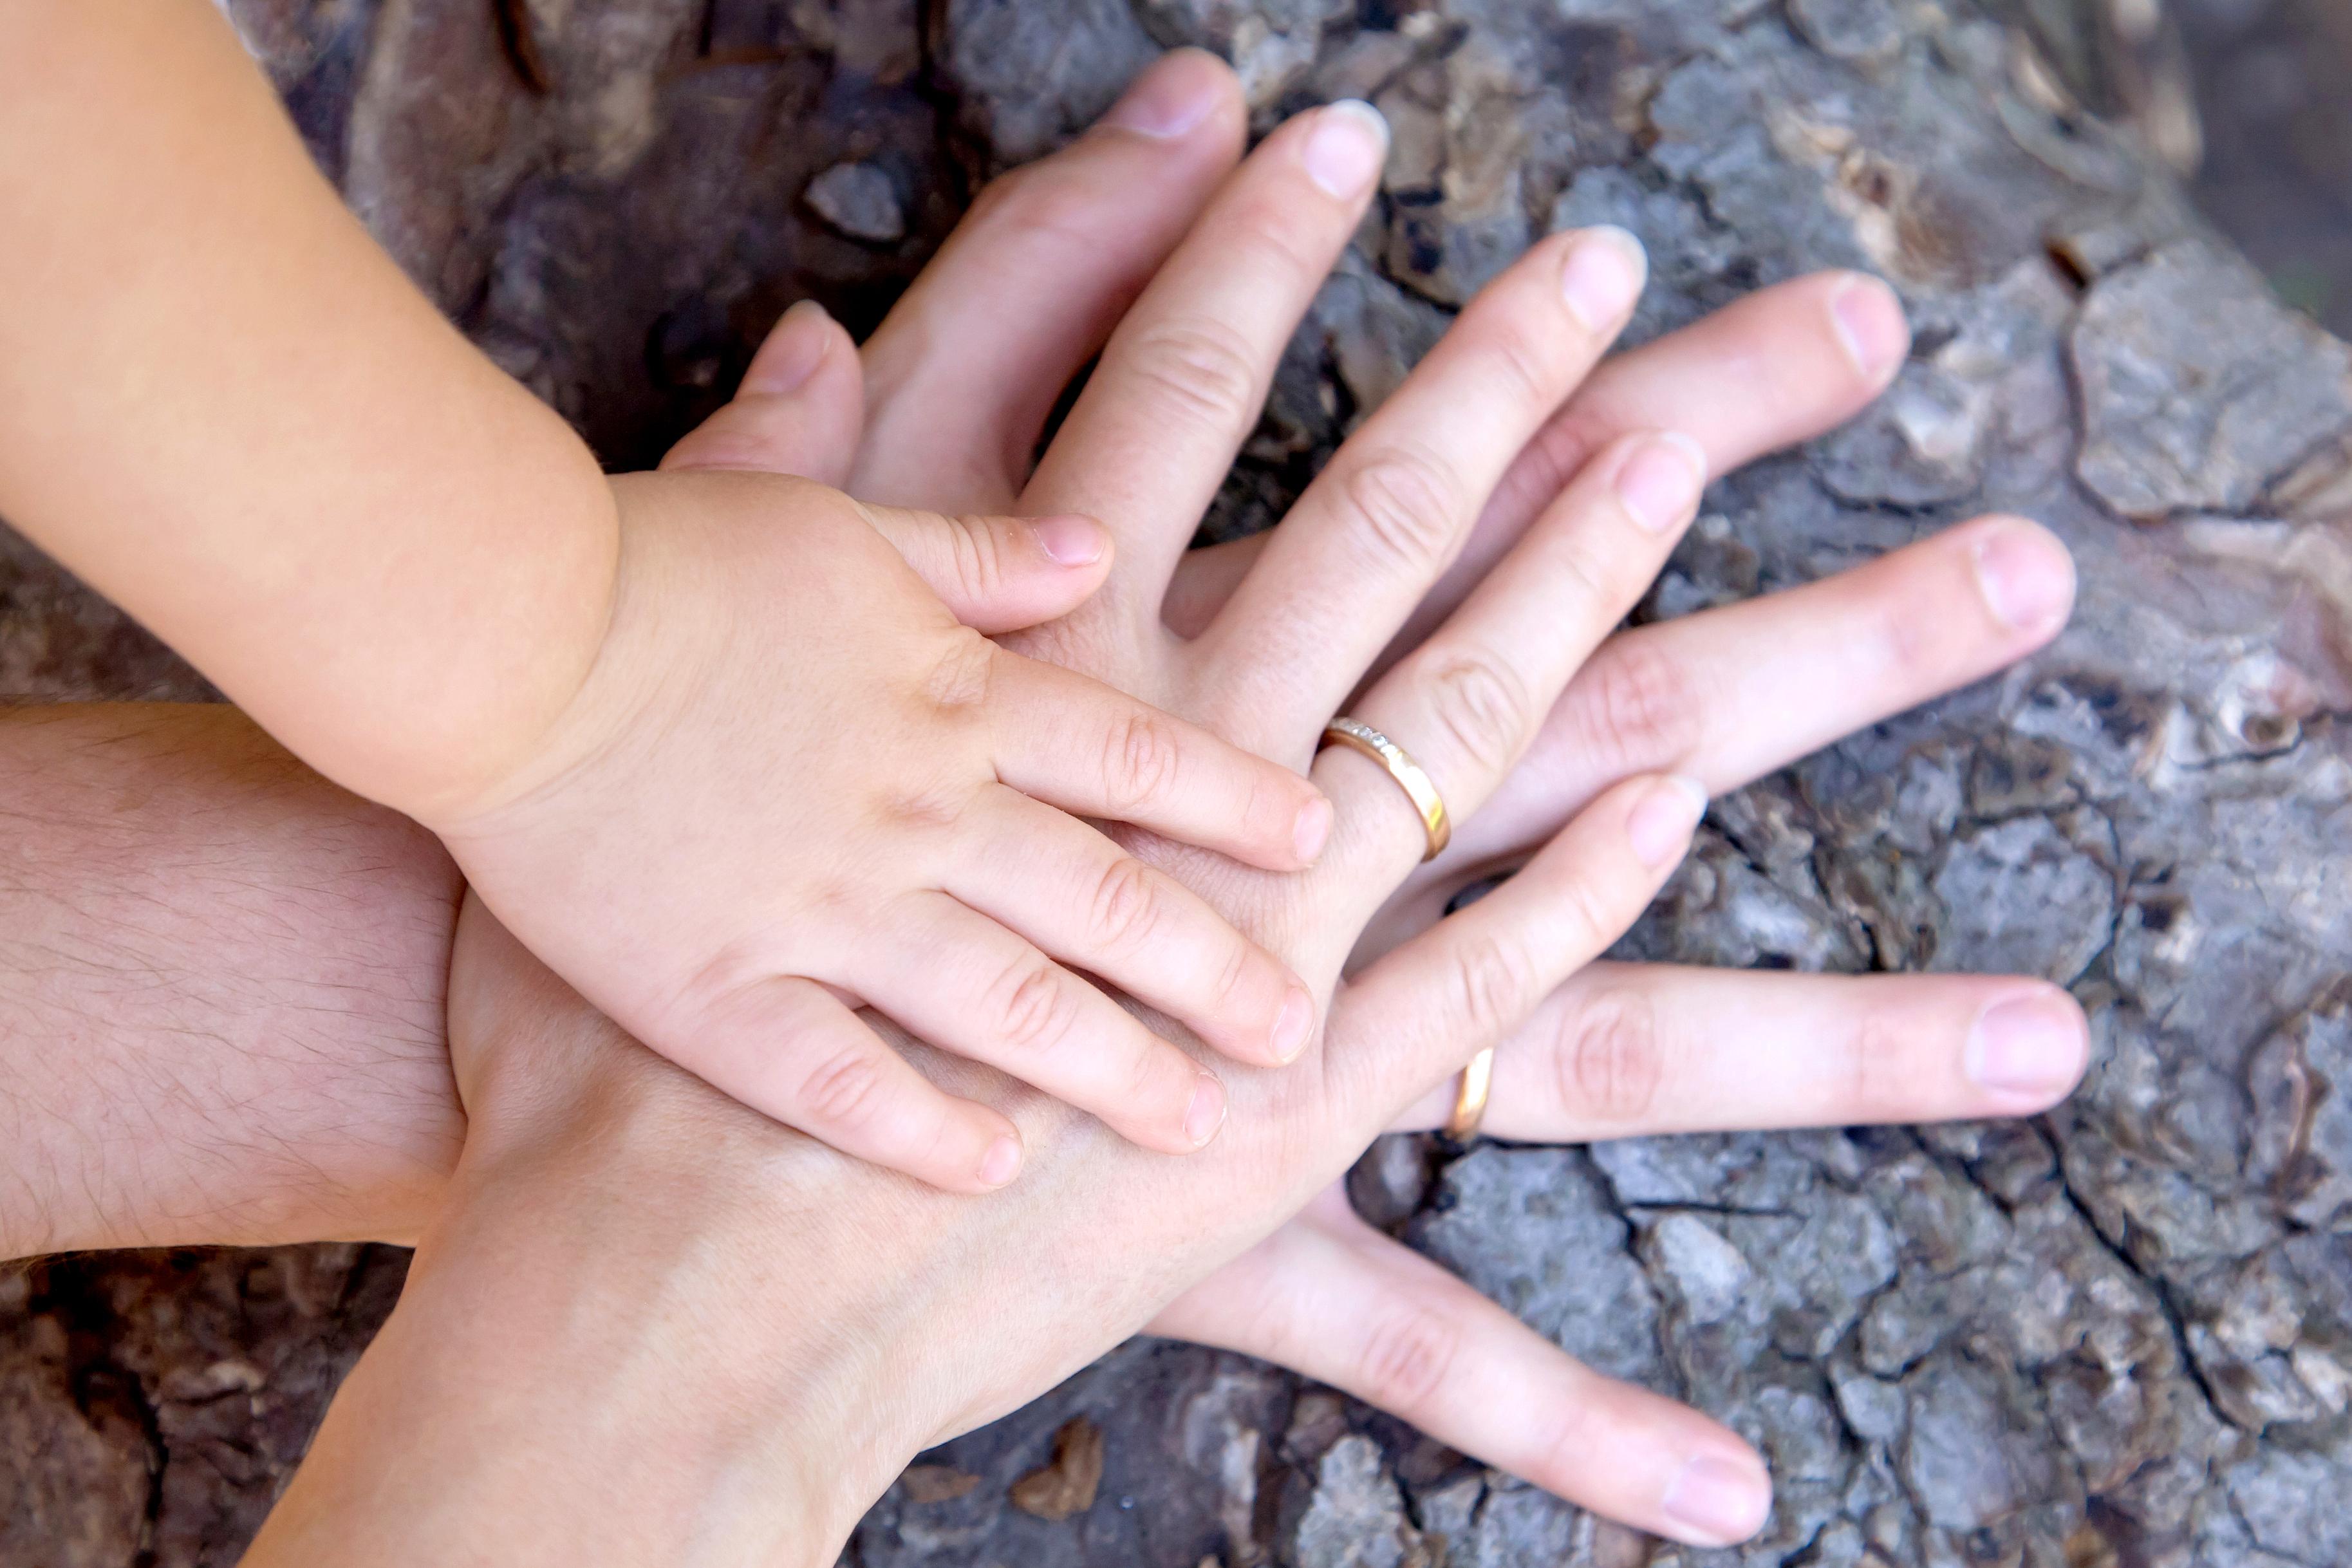 Družinski člani se pogosto niti ne zavedajo tveganj, ki jih prepletenost družinskih in lastniških odnosov prinaša